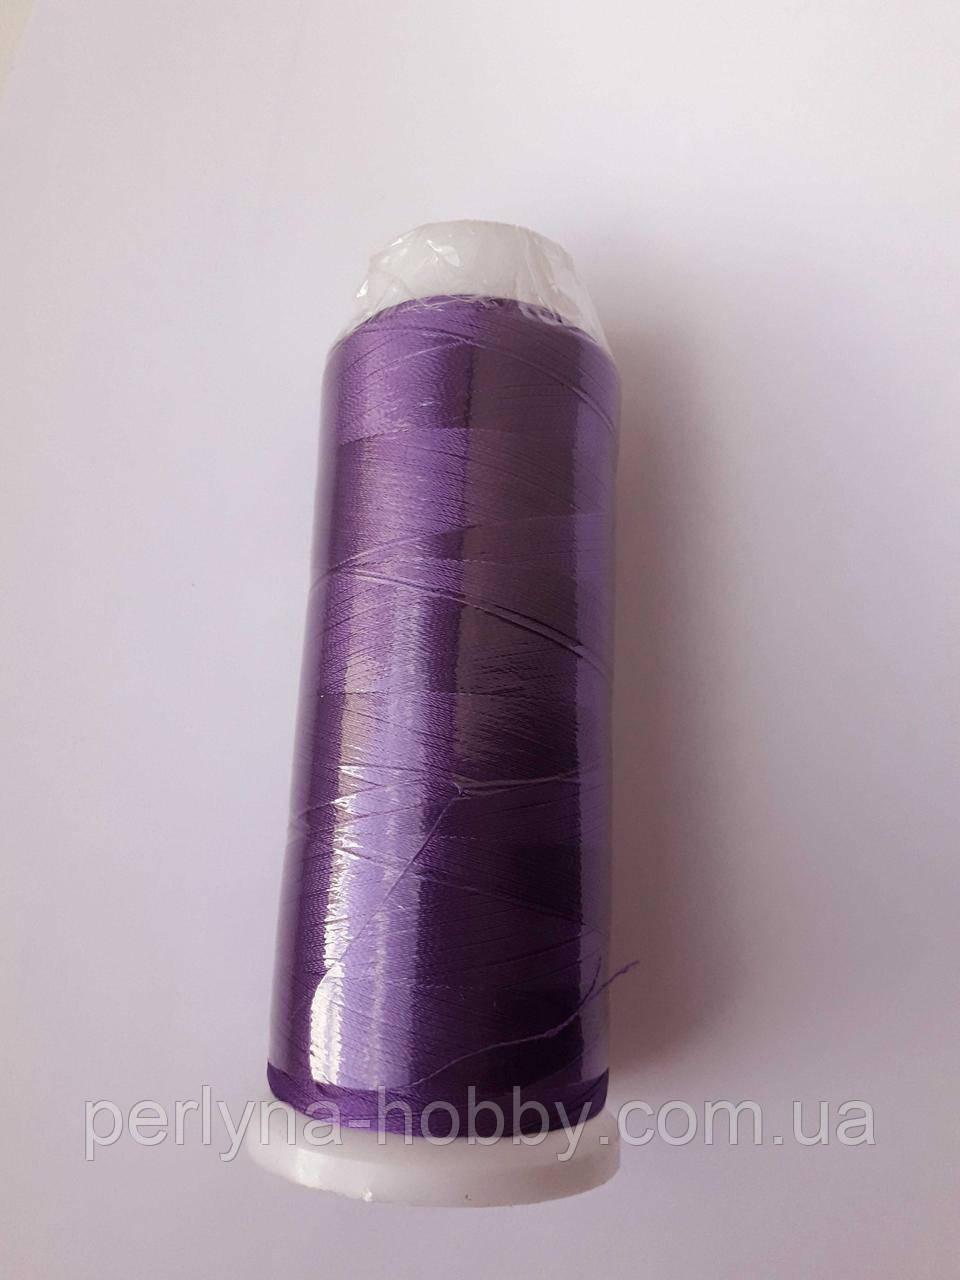 Нитки для машинної вишики 100% віскоза (100% rayon) 3000 ярдів, № 487, фіолетовий